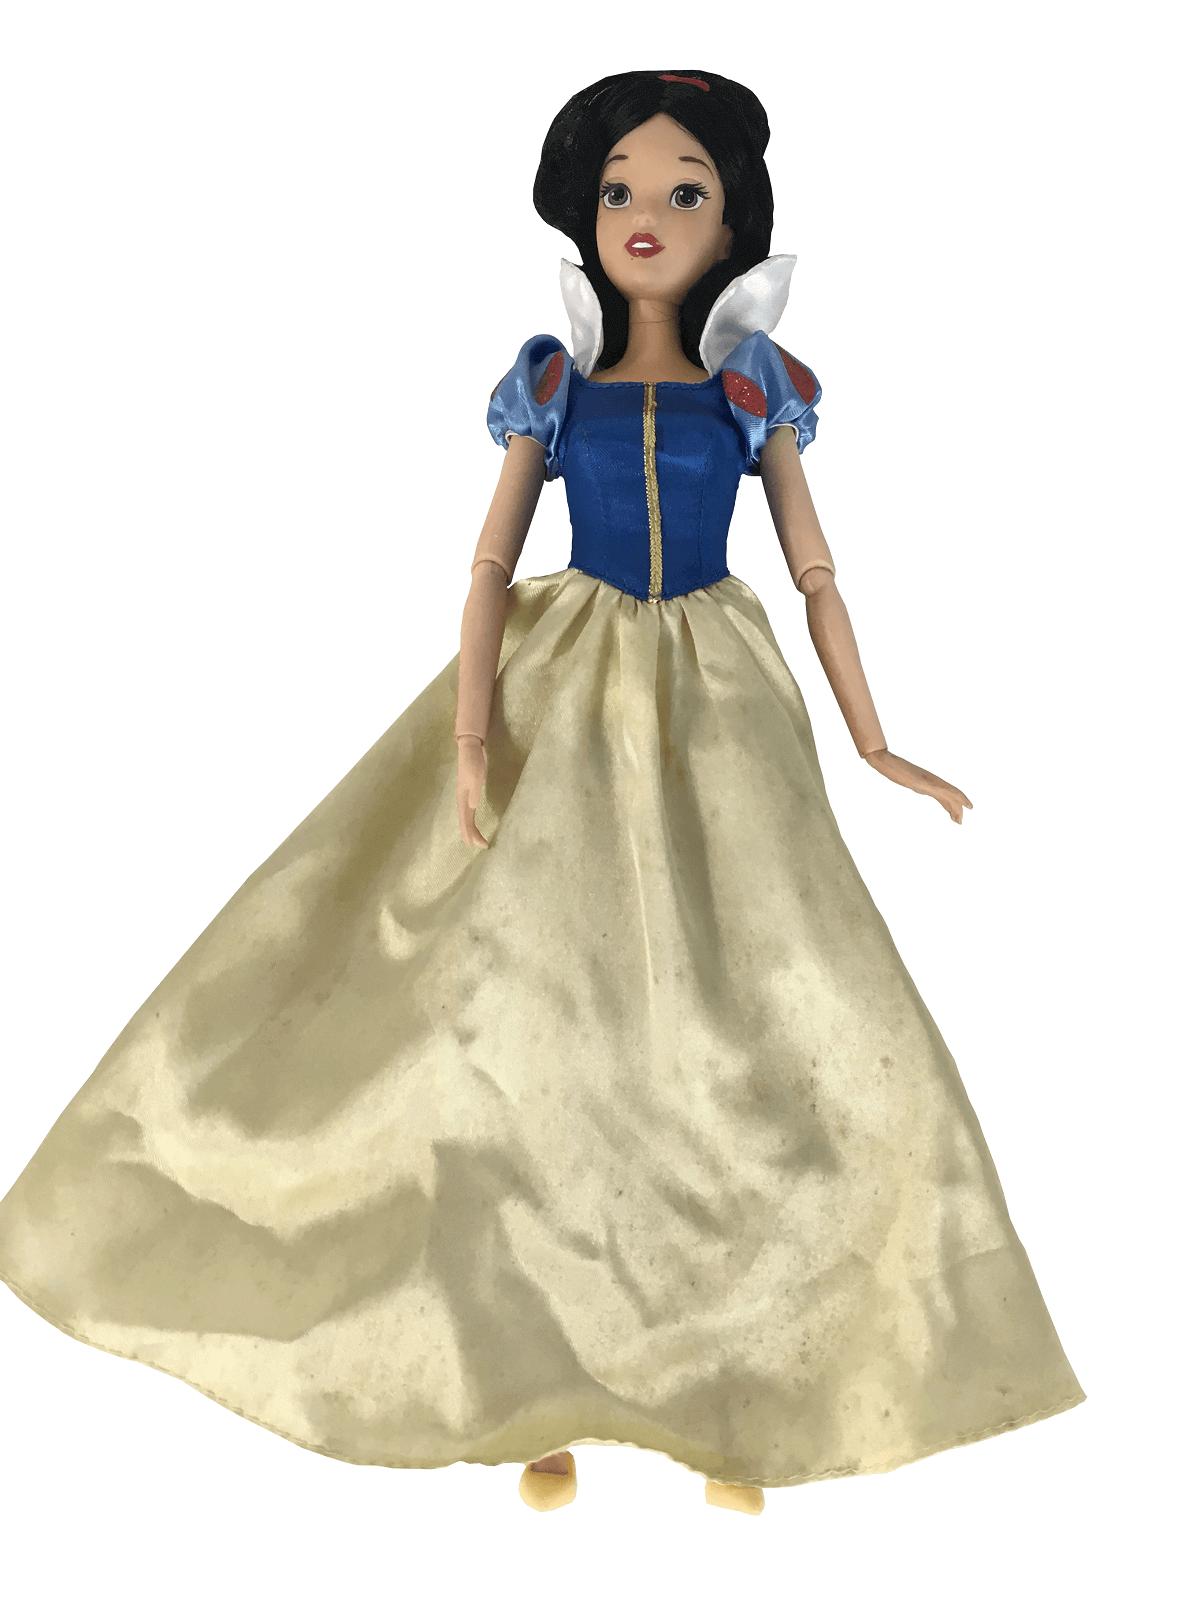 Boneca Disney Princesas Branca De Neve Articulada